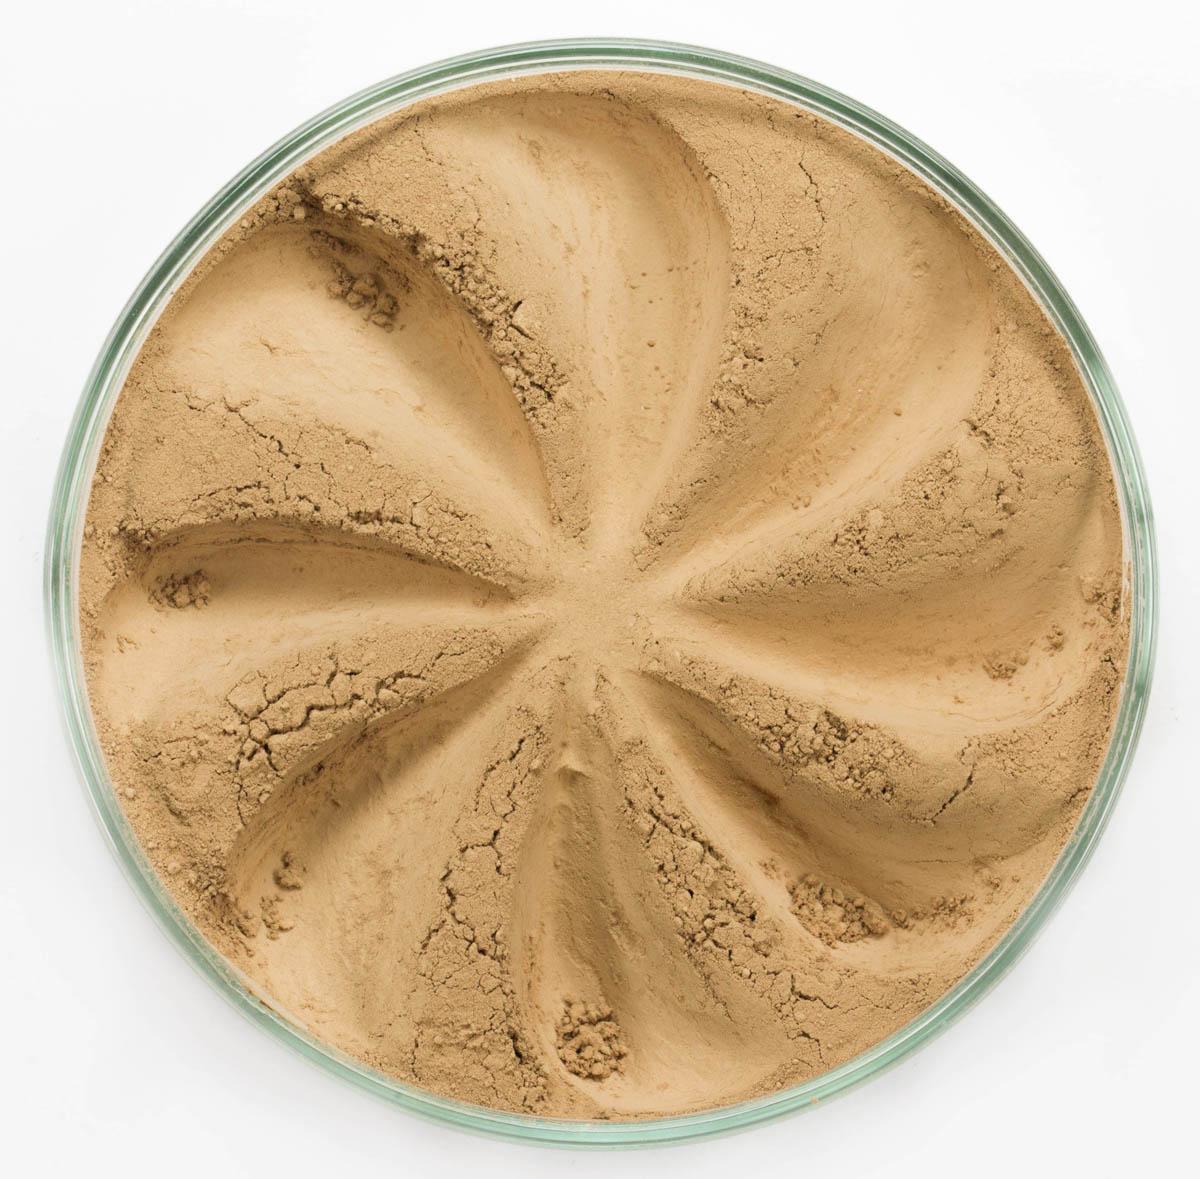 Era Minerals Минеральная Тональная основа Velvet тон 226, 16,5 млFN226Основа Velvet подходит для нормальной и склонной к сухости кожи, обеспечивает легкое или умеренное покрытие с матирующим эффектом. Без отдушек и масел, для всех типов кожи Водостойкое, долгосрочное покрытие Широкий спектр фильтров UVB/UVA, протестированных при SPF 30+ Некомедогенно, не блокирует поры Дерматологически протестировано, не аллергенно Антибактериальные ингредиенты, помогает успокоить раздраженную кожу Состоит из неактивных минералов, не способствует развитию бактерий Не тестировано на животных Вес нетто 7г (стандартный размер)